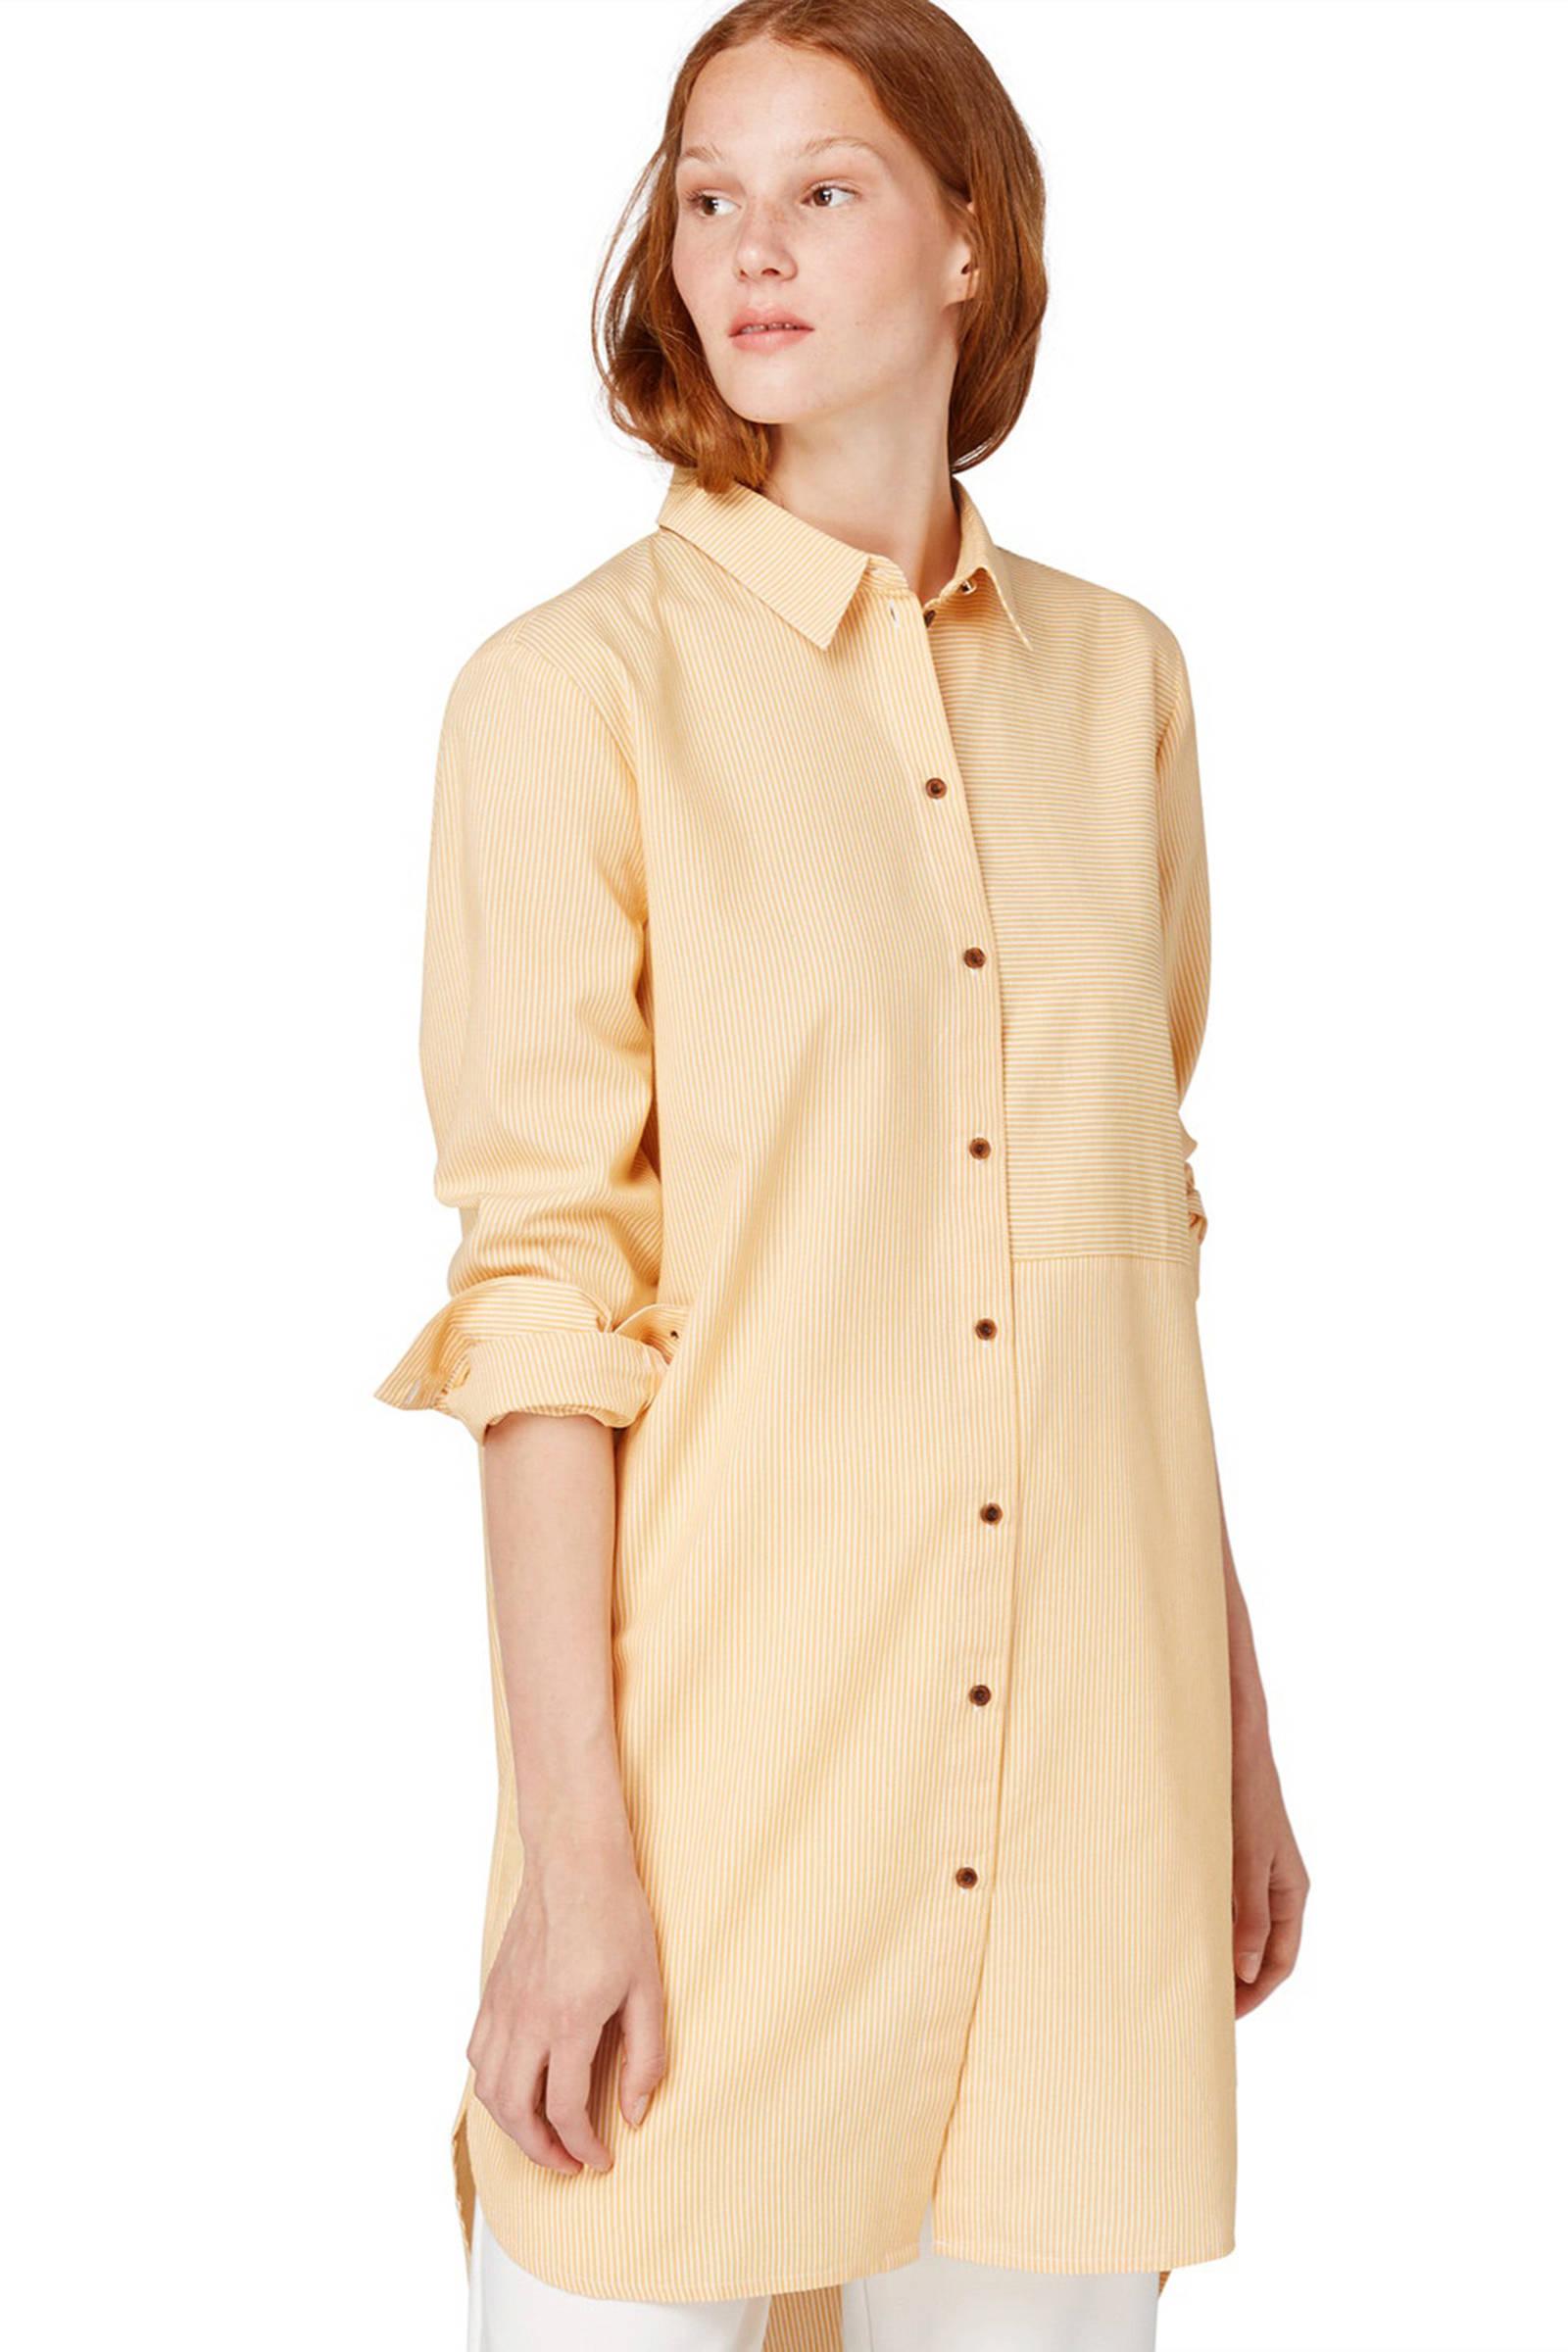 Tom Tailor Denim gestreepte blouse geel   wehkamp